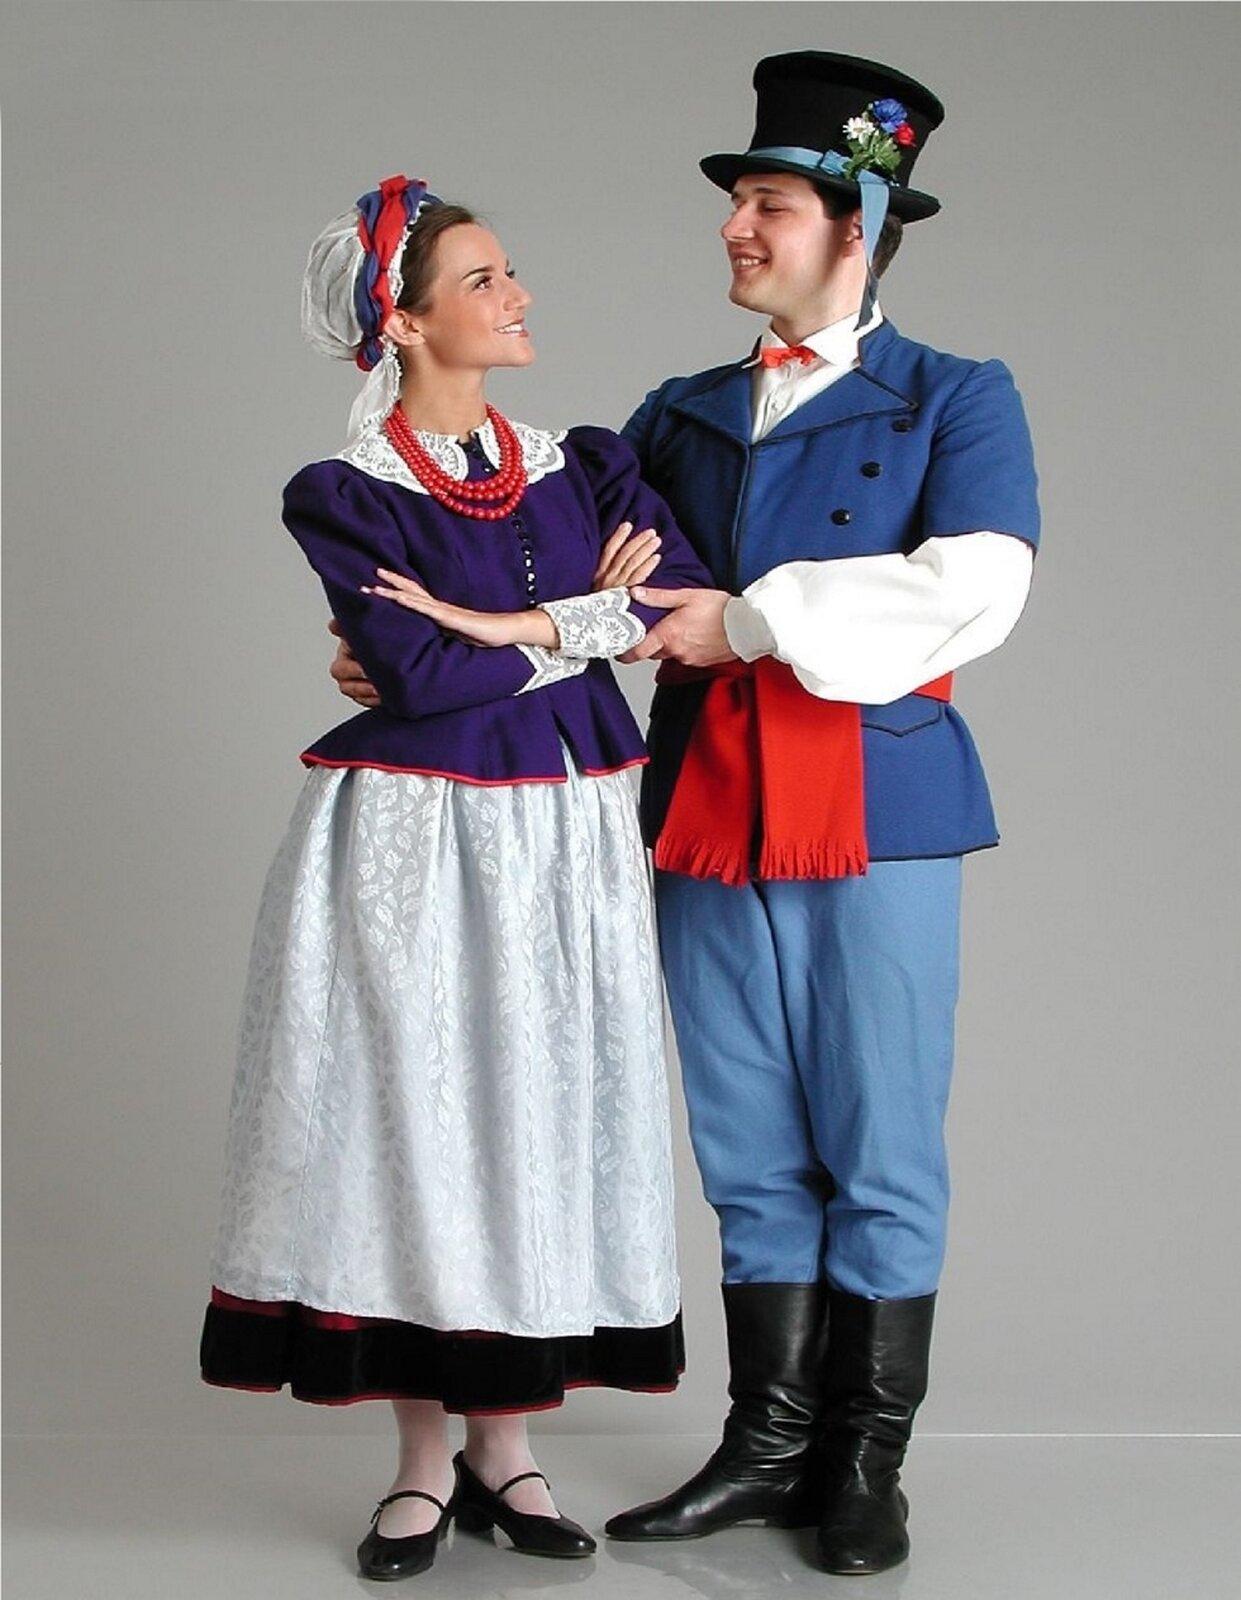 Na ilustracji para wstroju kujawskim. Chłopak ma na głowie wysoki czarny kapelusz zbłękitną wstążką ikwiatami. Na białej lnianej koszuli, nosi katankę, czyli kamizelkę bez rękawów, długą do bioder, uszytą zgranatowej tkaniny. Katanę zdobi ponadto czerwony wełniany pas, związany wmisterny węzeł. Sukienne niebieskie spodnie chłopak nosi wpuszczone wwysokie skórzane buty. Kujawianka na białej koszuli ma sukienny kaftanik dopasowany wtalii. Dziewczyna nosi jednocześnie trzy spódnice. Spódnice spodnie, szyte zbarchanu ipłótna, pełnią rolę halek. Opasana jest fartuszkiem zwanym zapaską. Nakryciem głowy biała chusta ozdobiona niebieską iczerwoną wstążką.